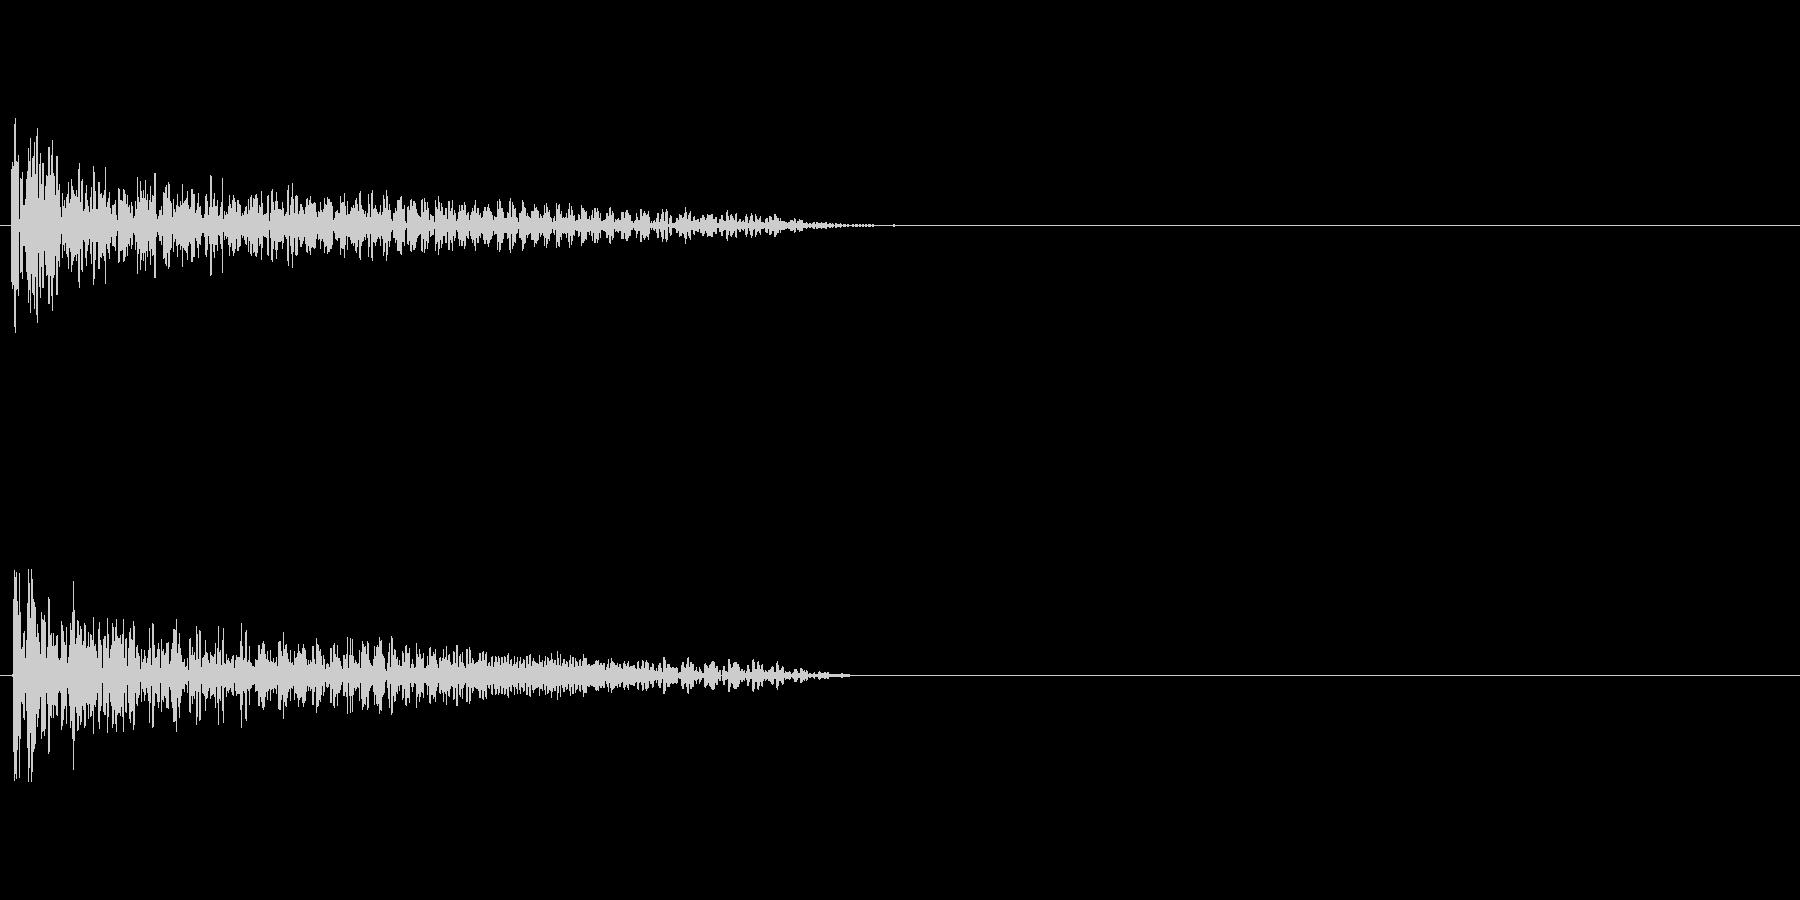 【衝撃02-2】の未再生の波形